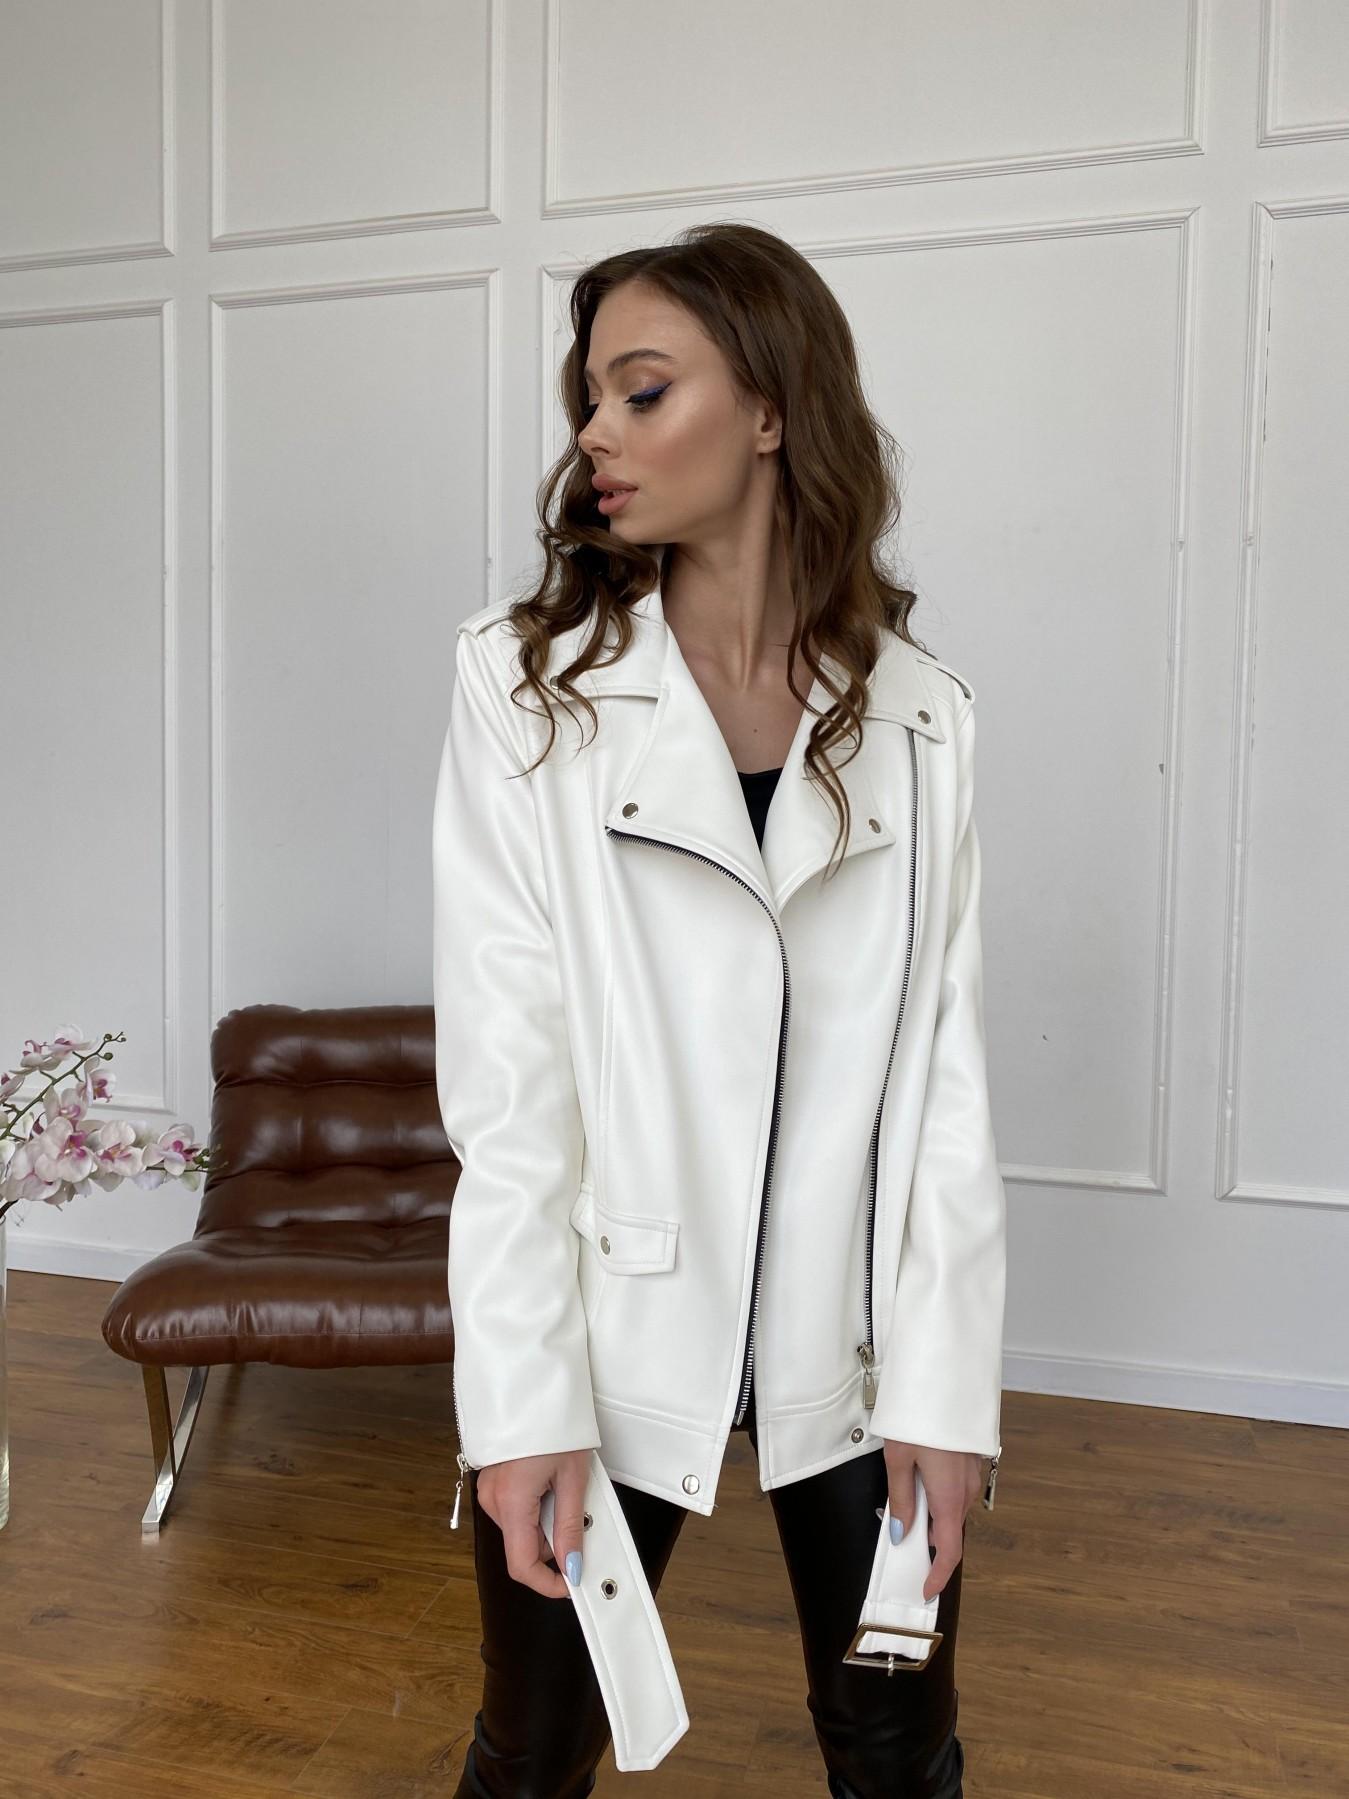 Босс куртка из экокожи прокатанной  11173 АРТ. 47683 Цвет: Молоко - фото 2, интернет магазин tm-modus.ru